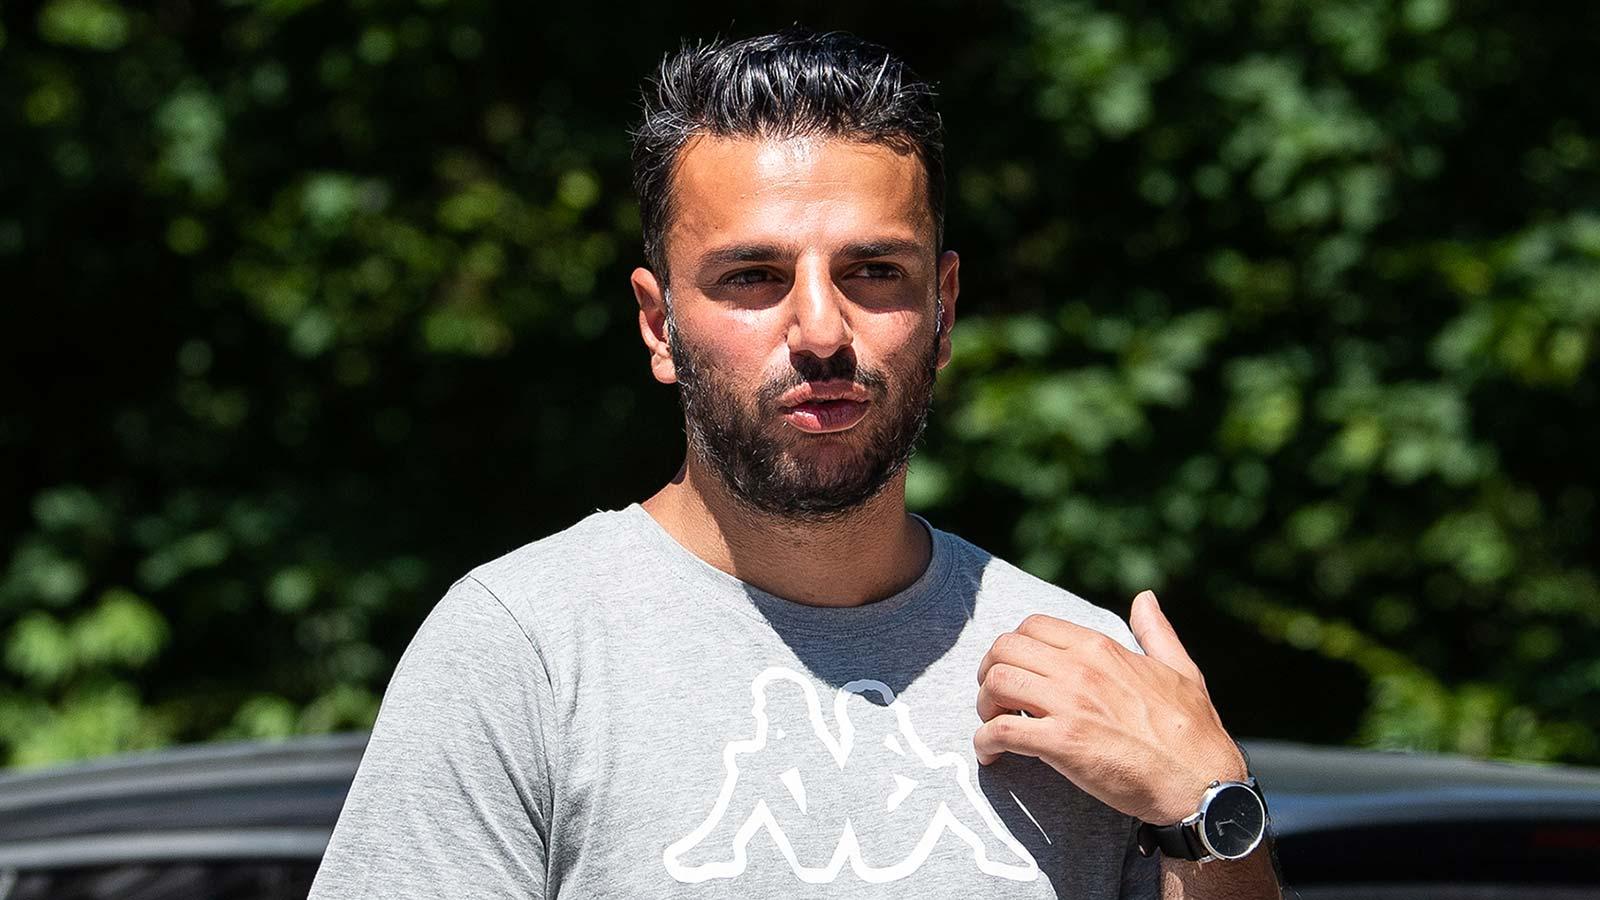 180608 IFK Göteborgs tränare Poya Asbaghi efter en träning med det svenska damlandslaget i fotboll den 8 juni 2018 i Göteborg.